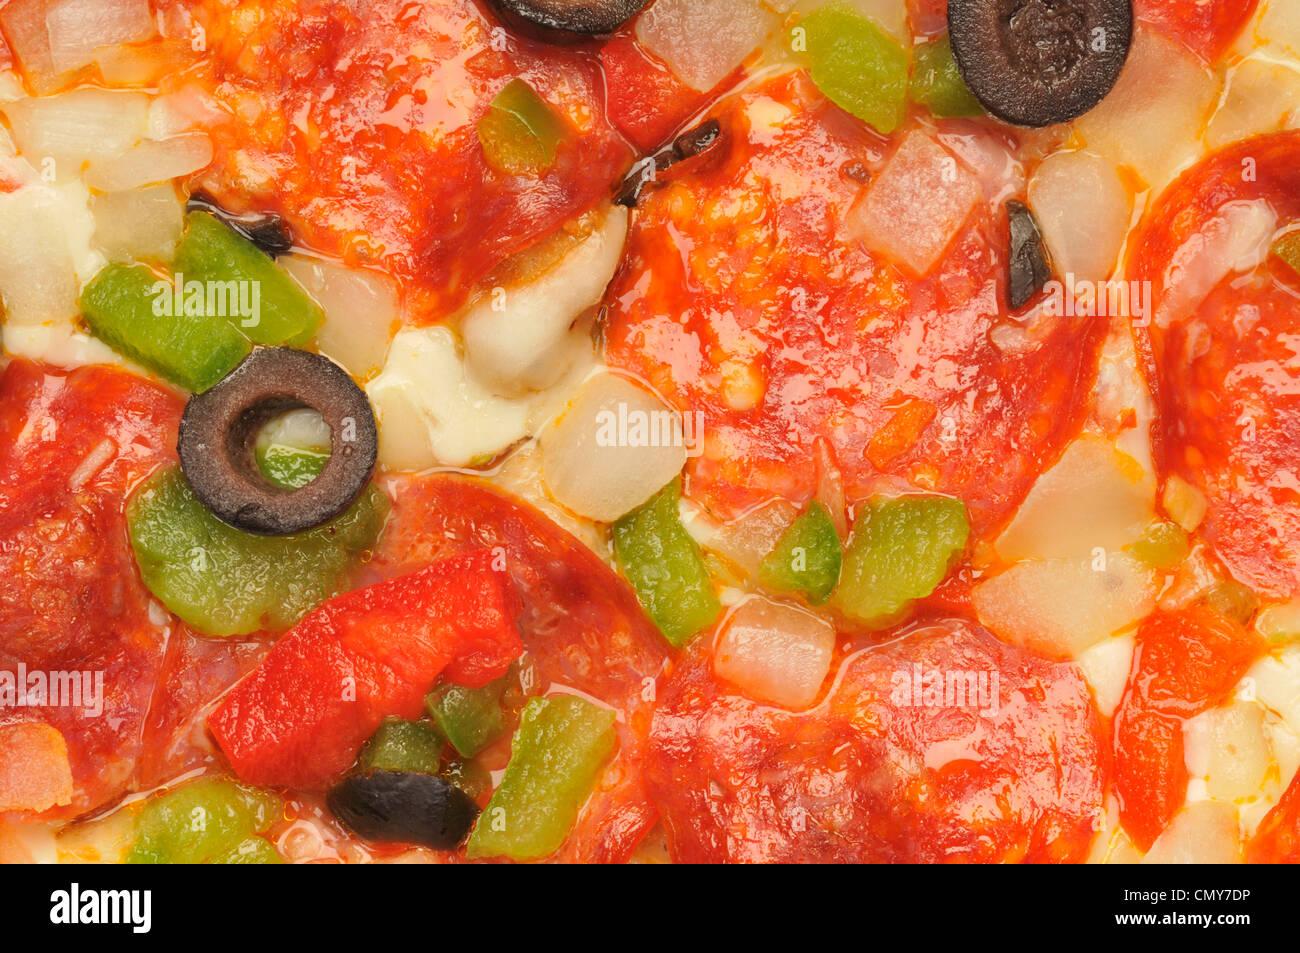 Détail Macro close-up de pizza au fromage, pepperoni, poivrons rouges et verts, oignons et olives noires Banque D'Images